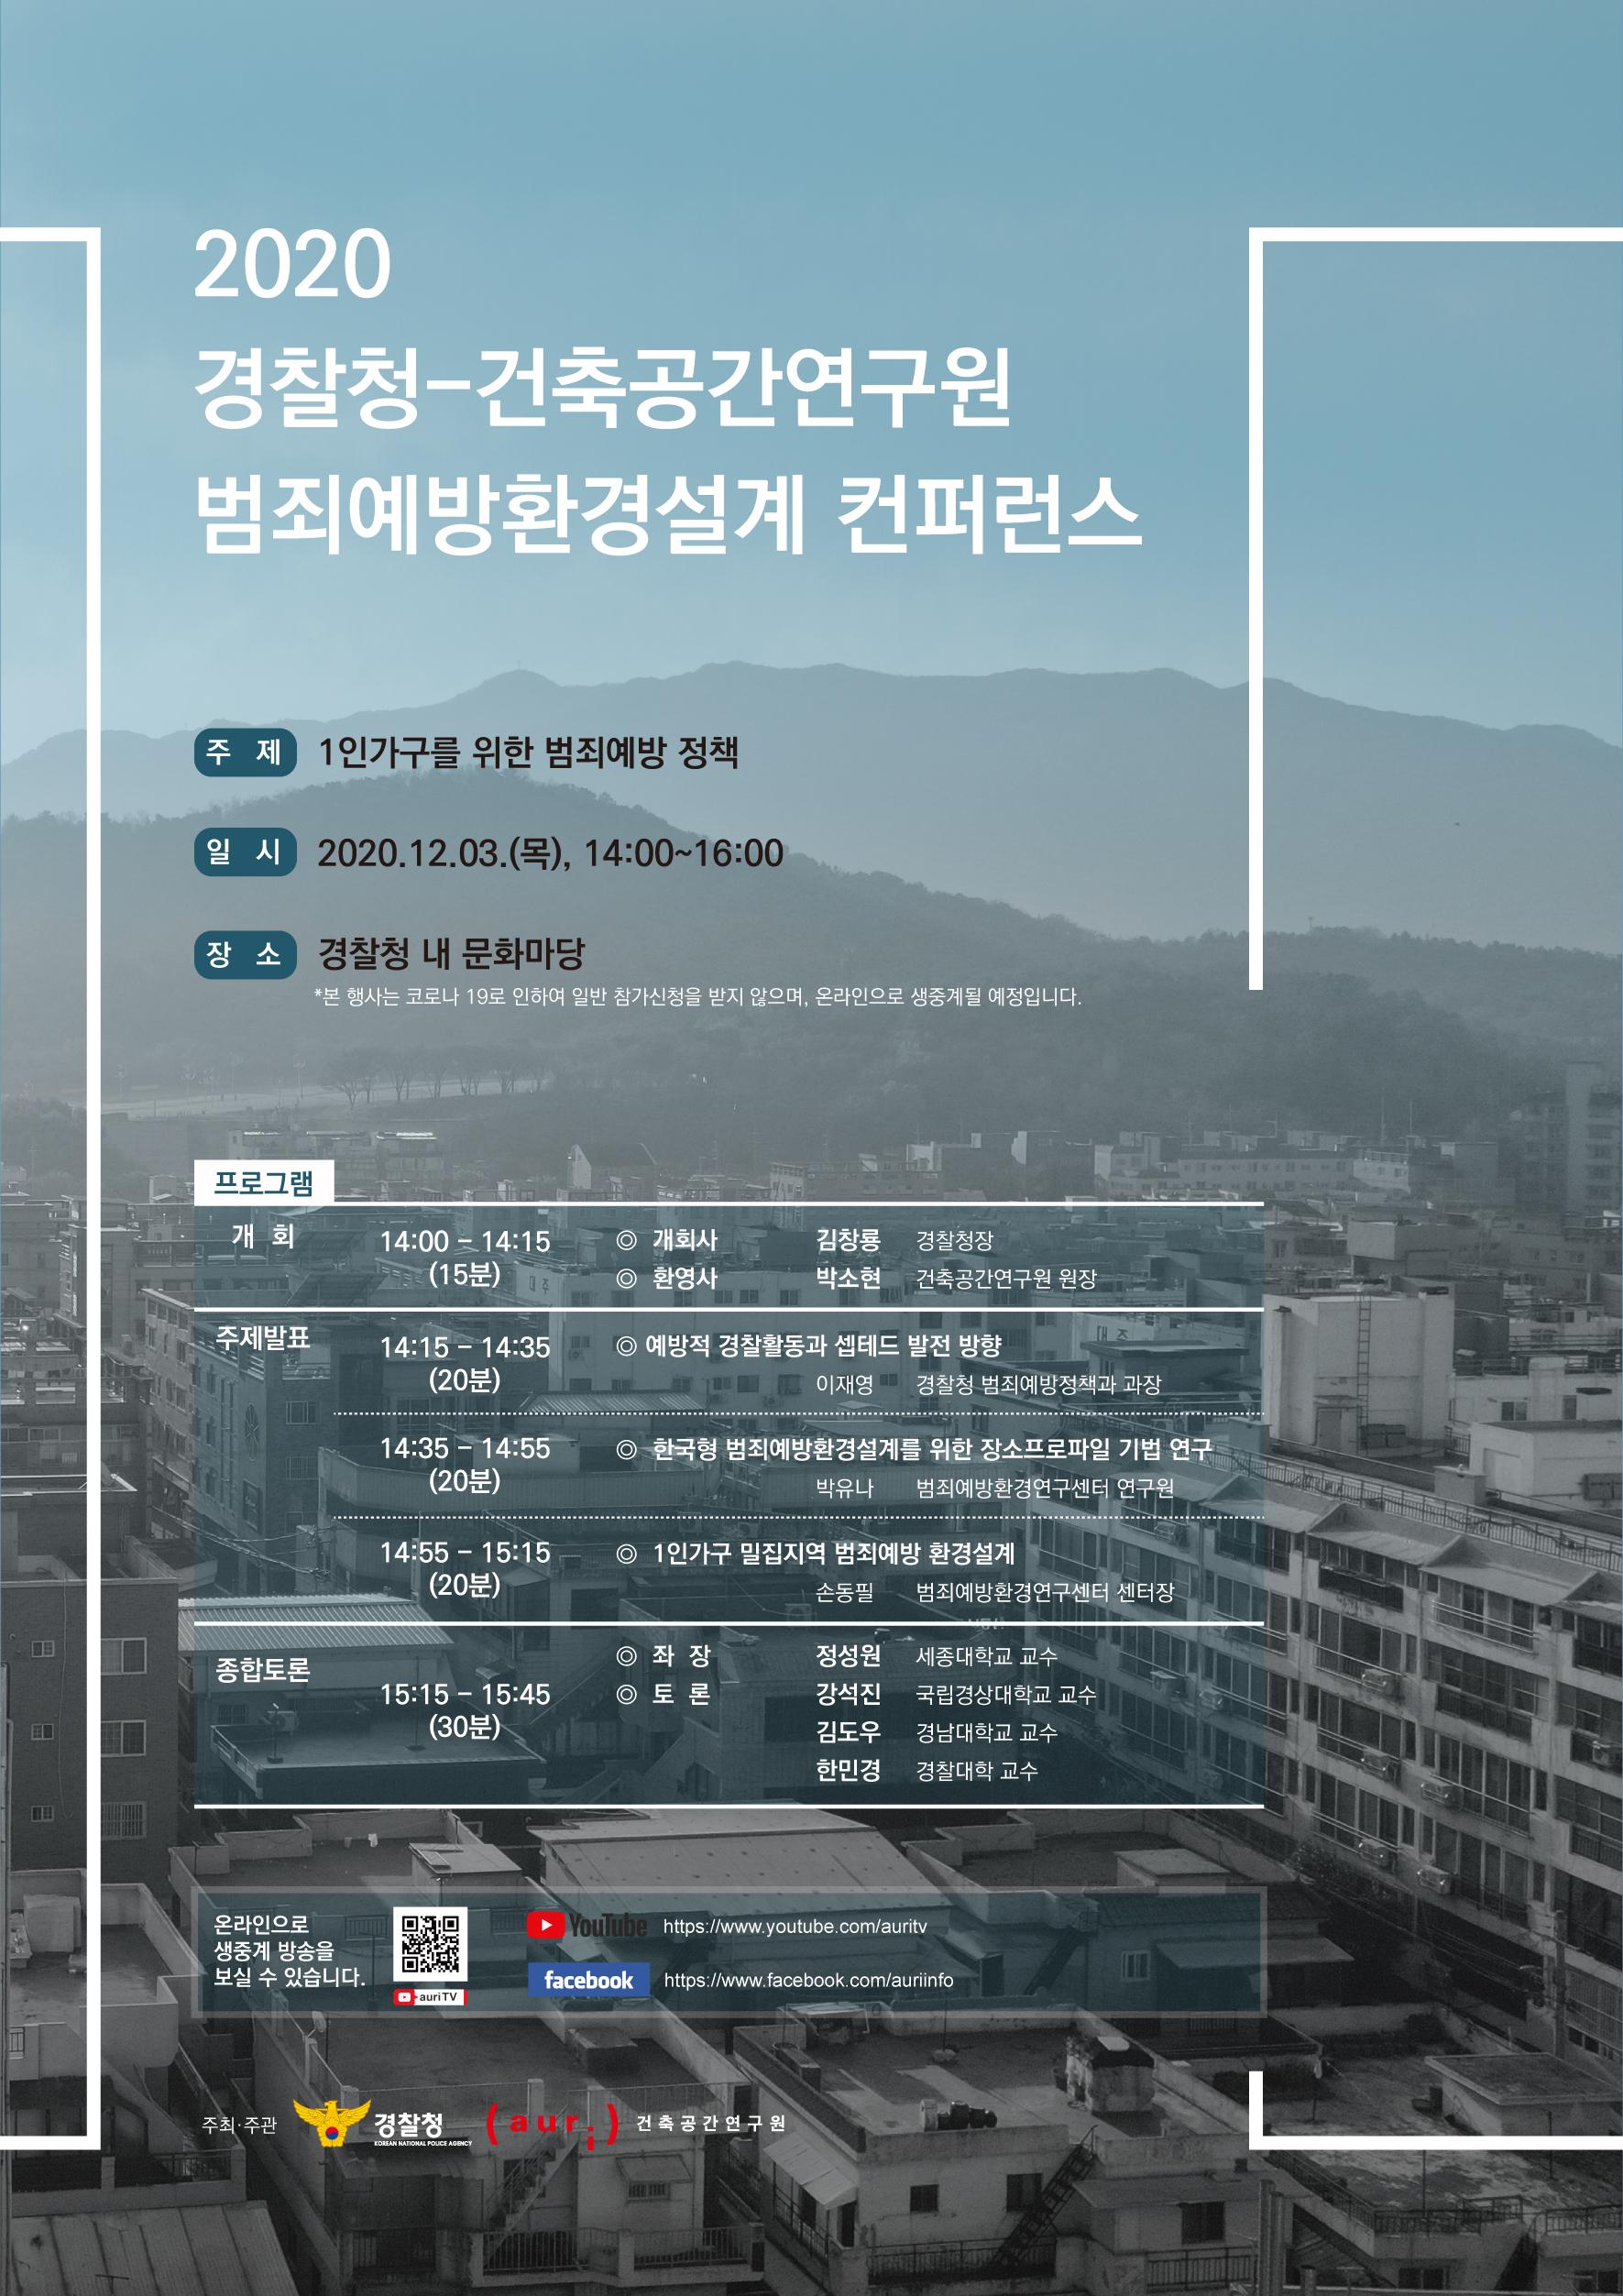 2020 경찰청 - 건축공간연구원 범죄예방환경설계 컨퍼런스 관한 내용입니다. 자세한 내용은 아래의 글을 확인해주세요.